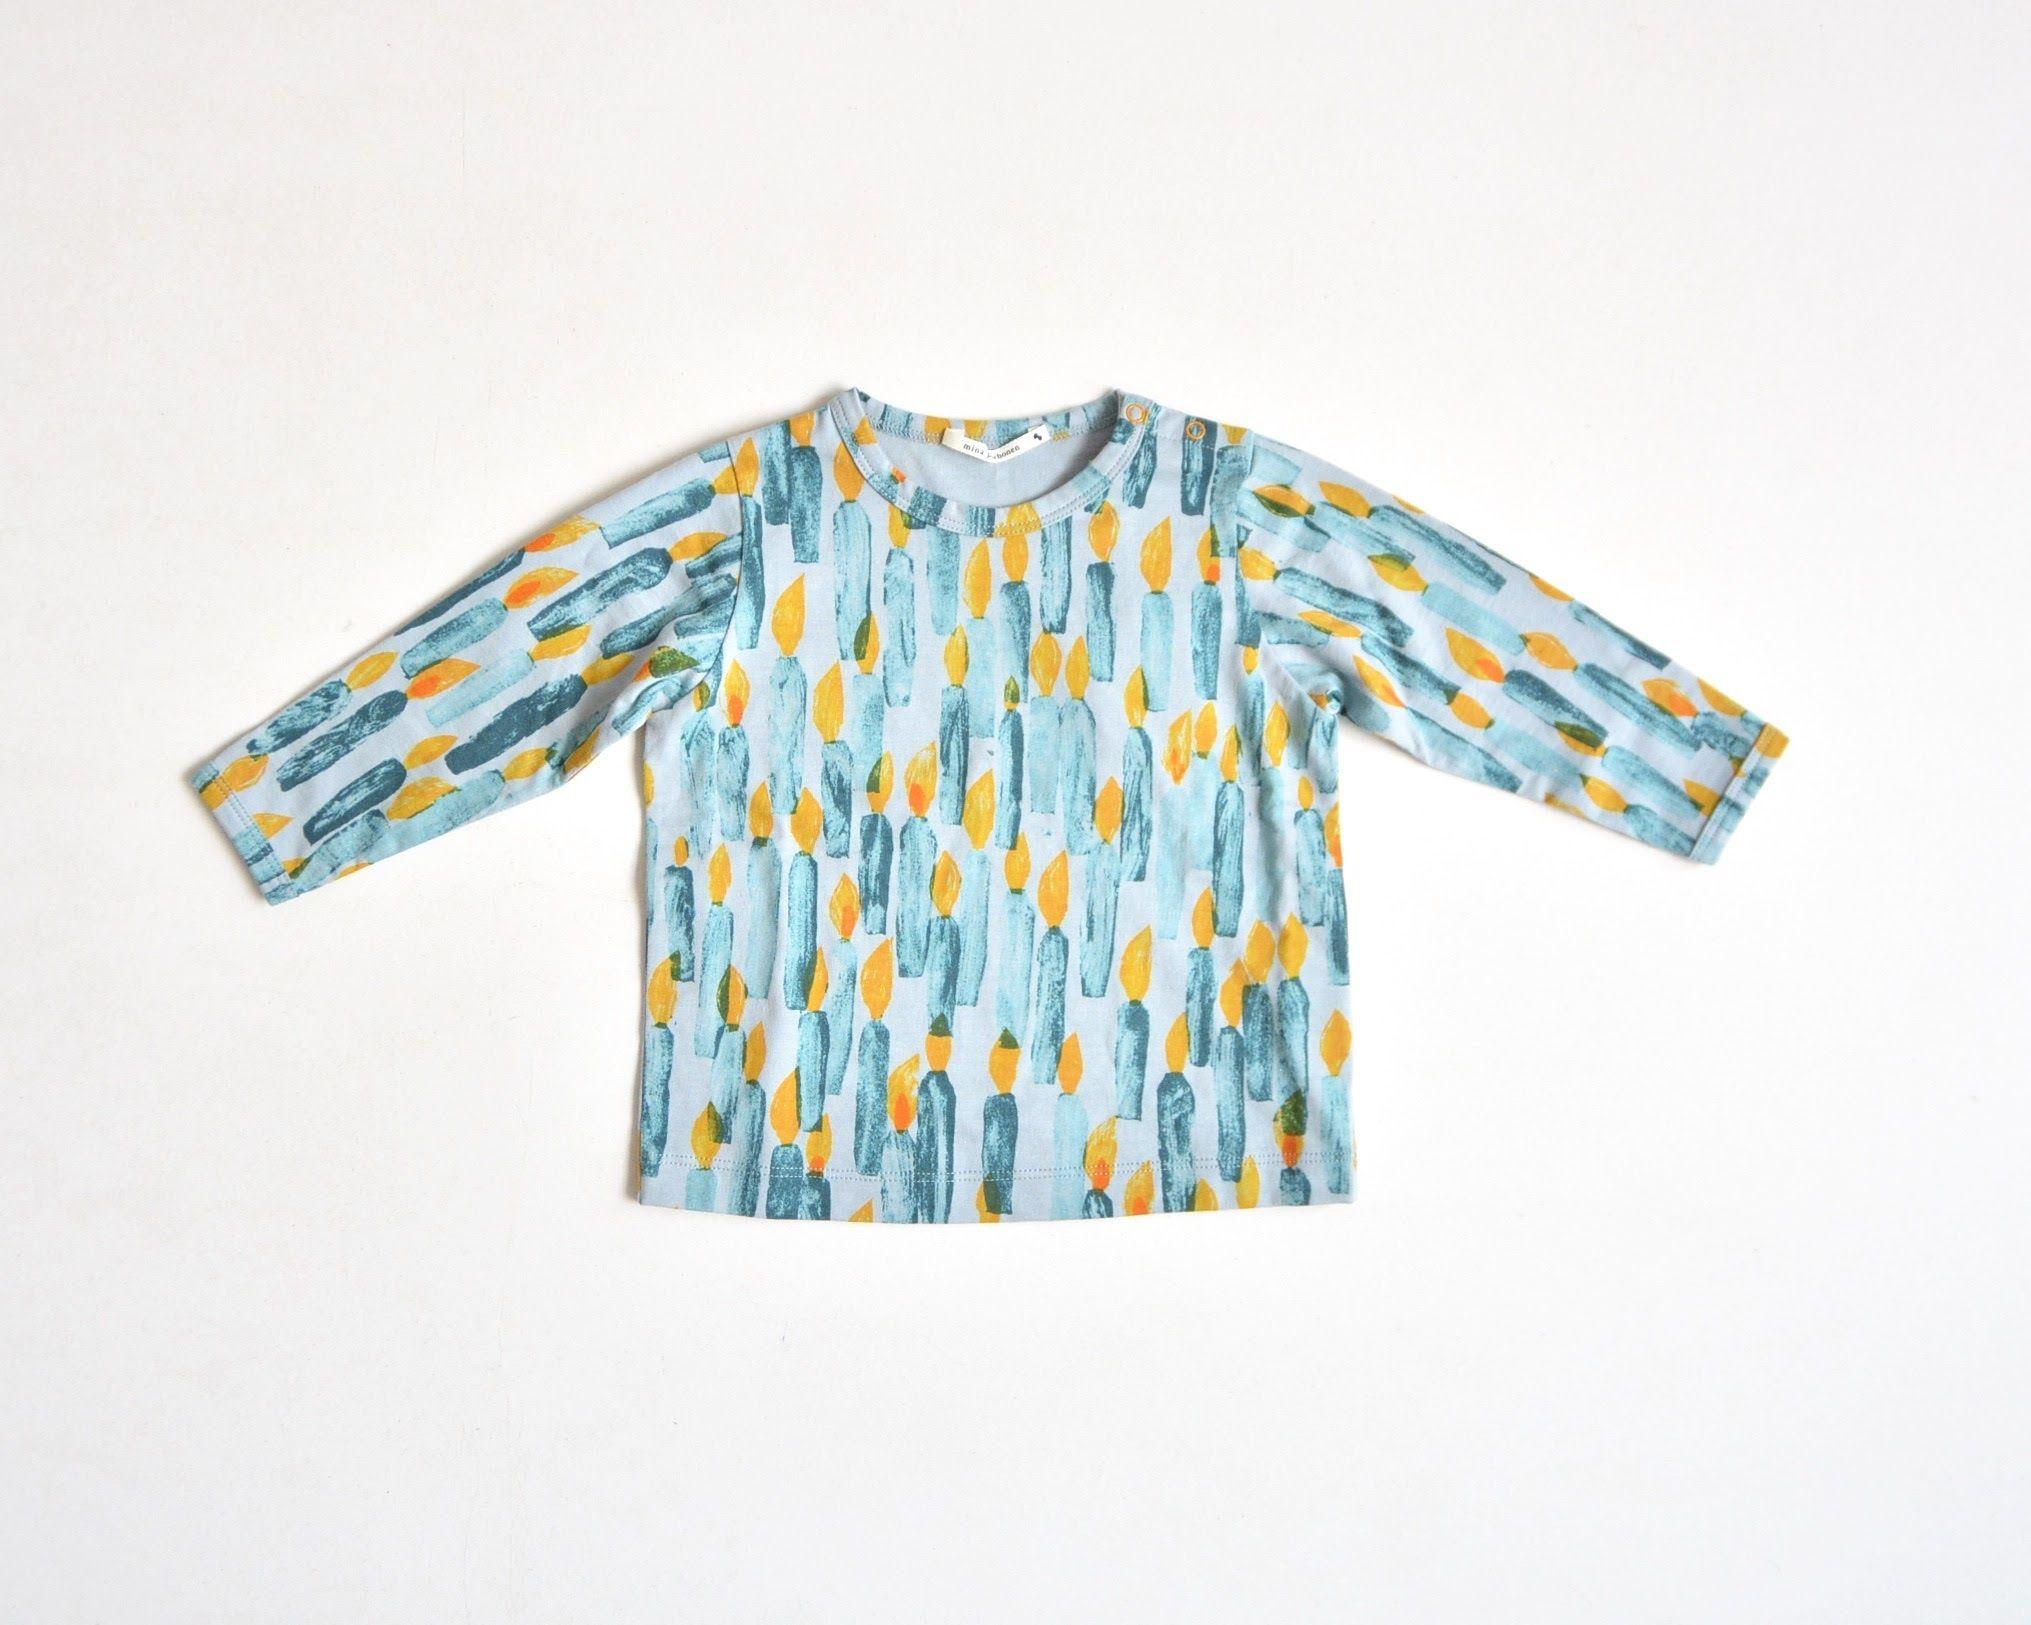 """【ミナペルホネン 17AW】 ロングスリーブTシャツ """"candle"""" / light blue / 110cm~ (VA8849P)"""